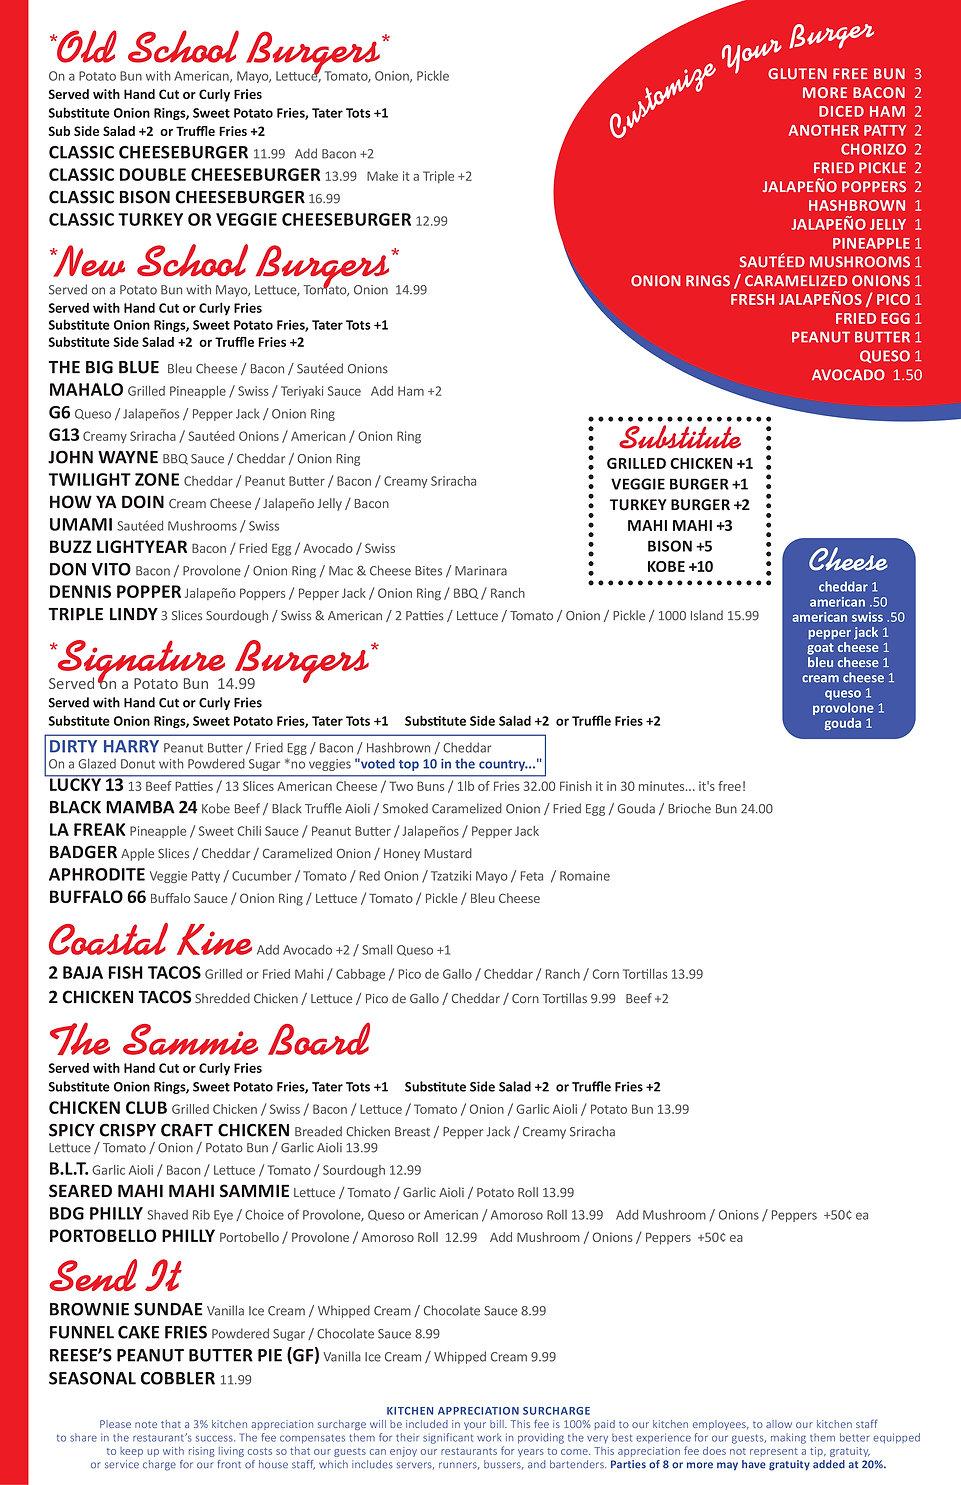 bdg_foco_menu_food_p2_300.jpg